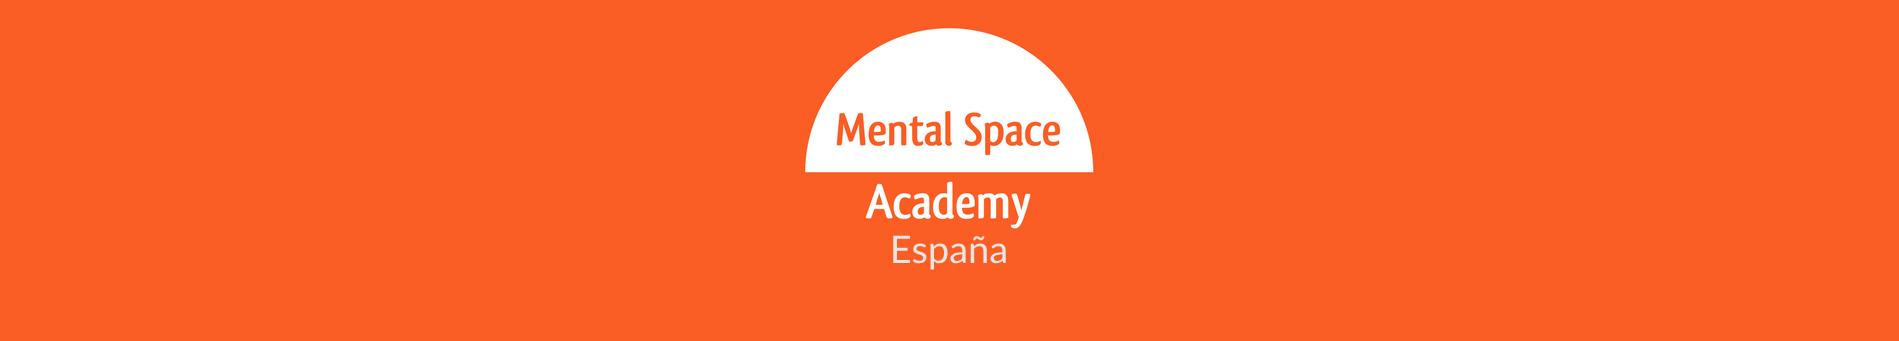 Mental Space Academy España